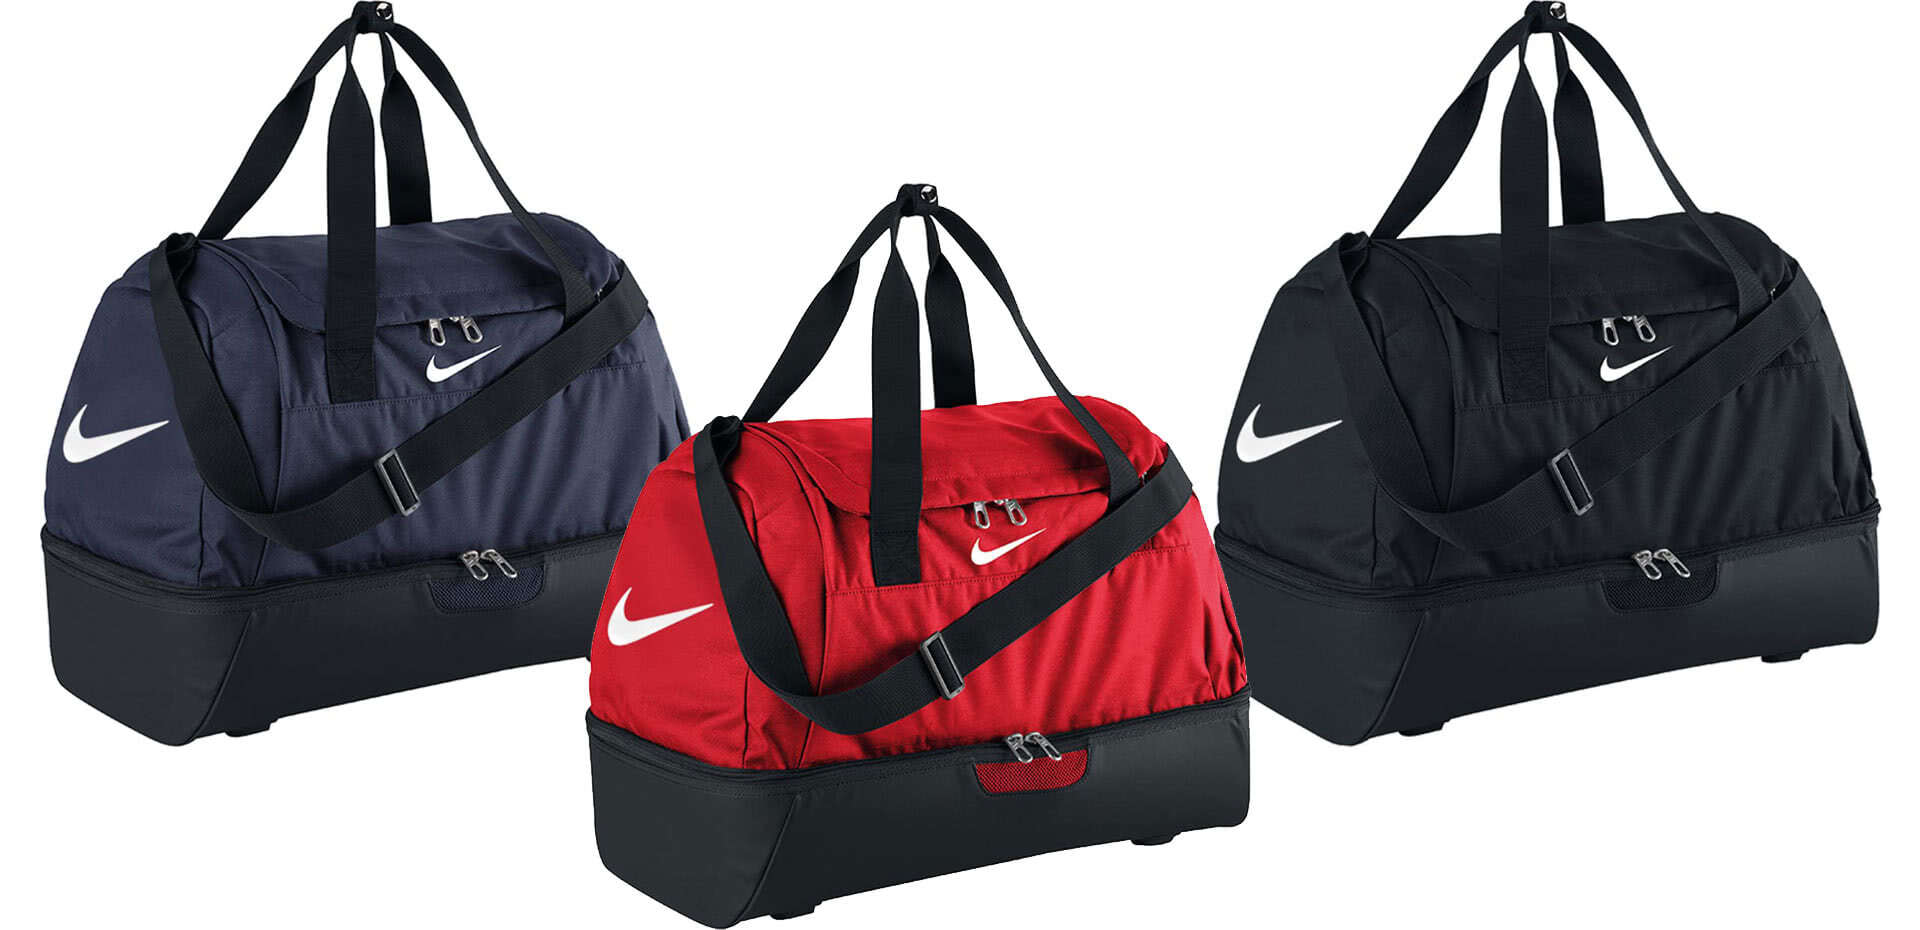 9bb01a8823c8c Nike Club Team Swoosh Taschen - Sportartikel und Fussballschuhe News